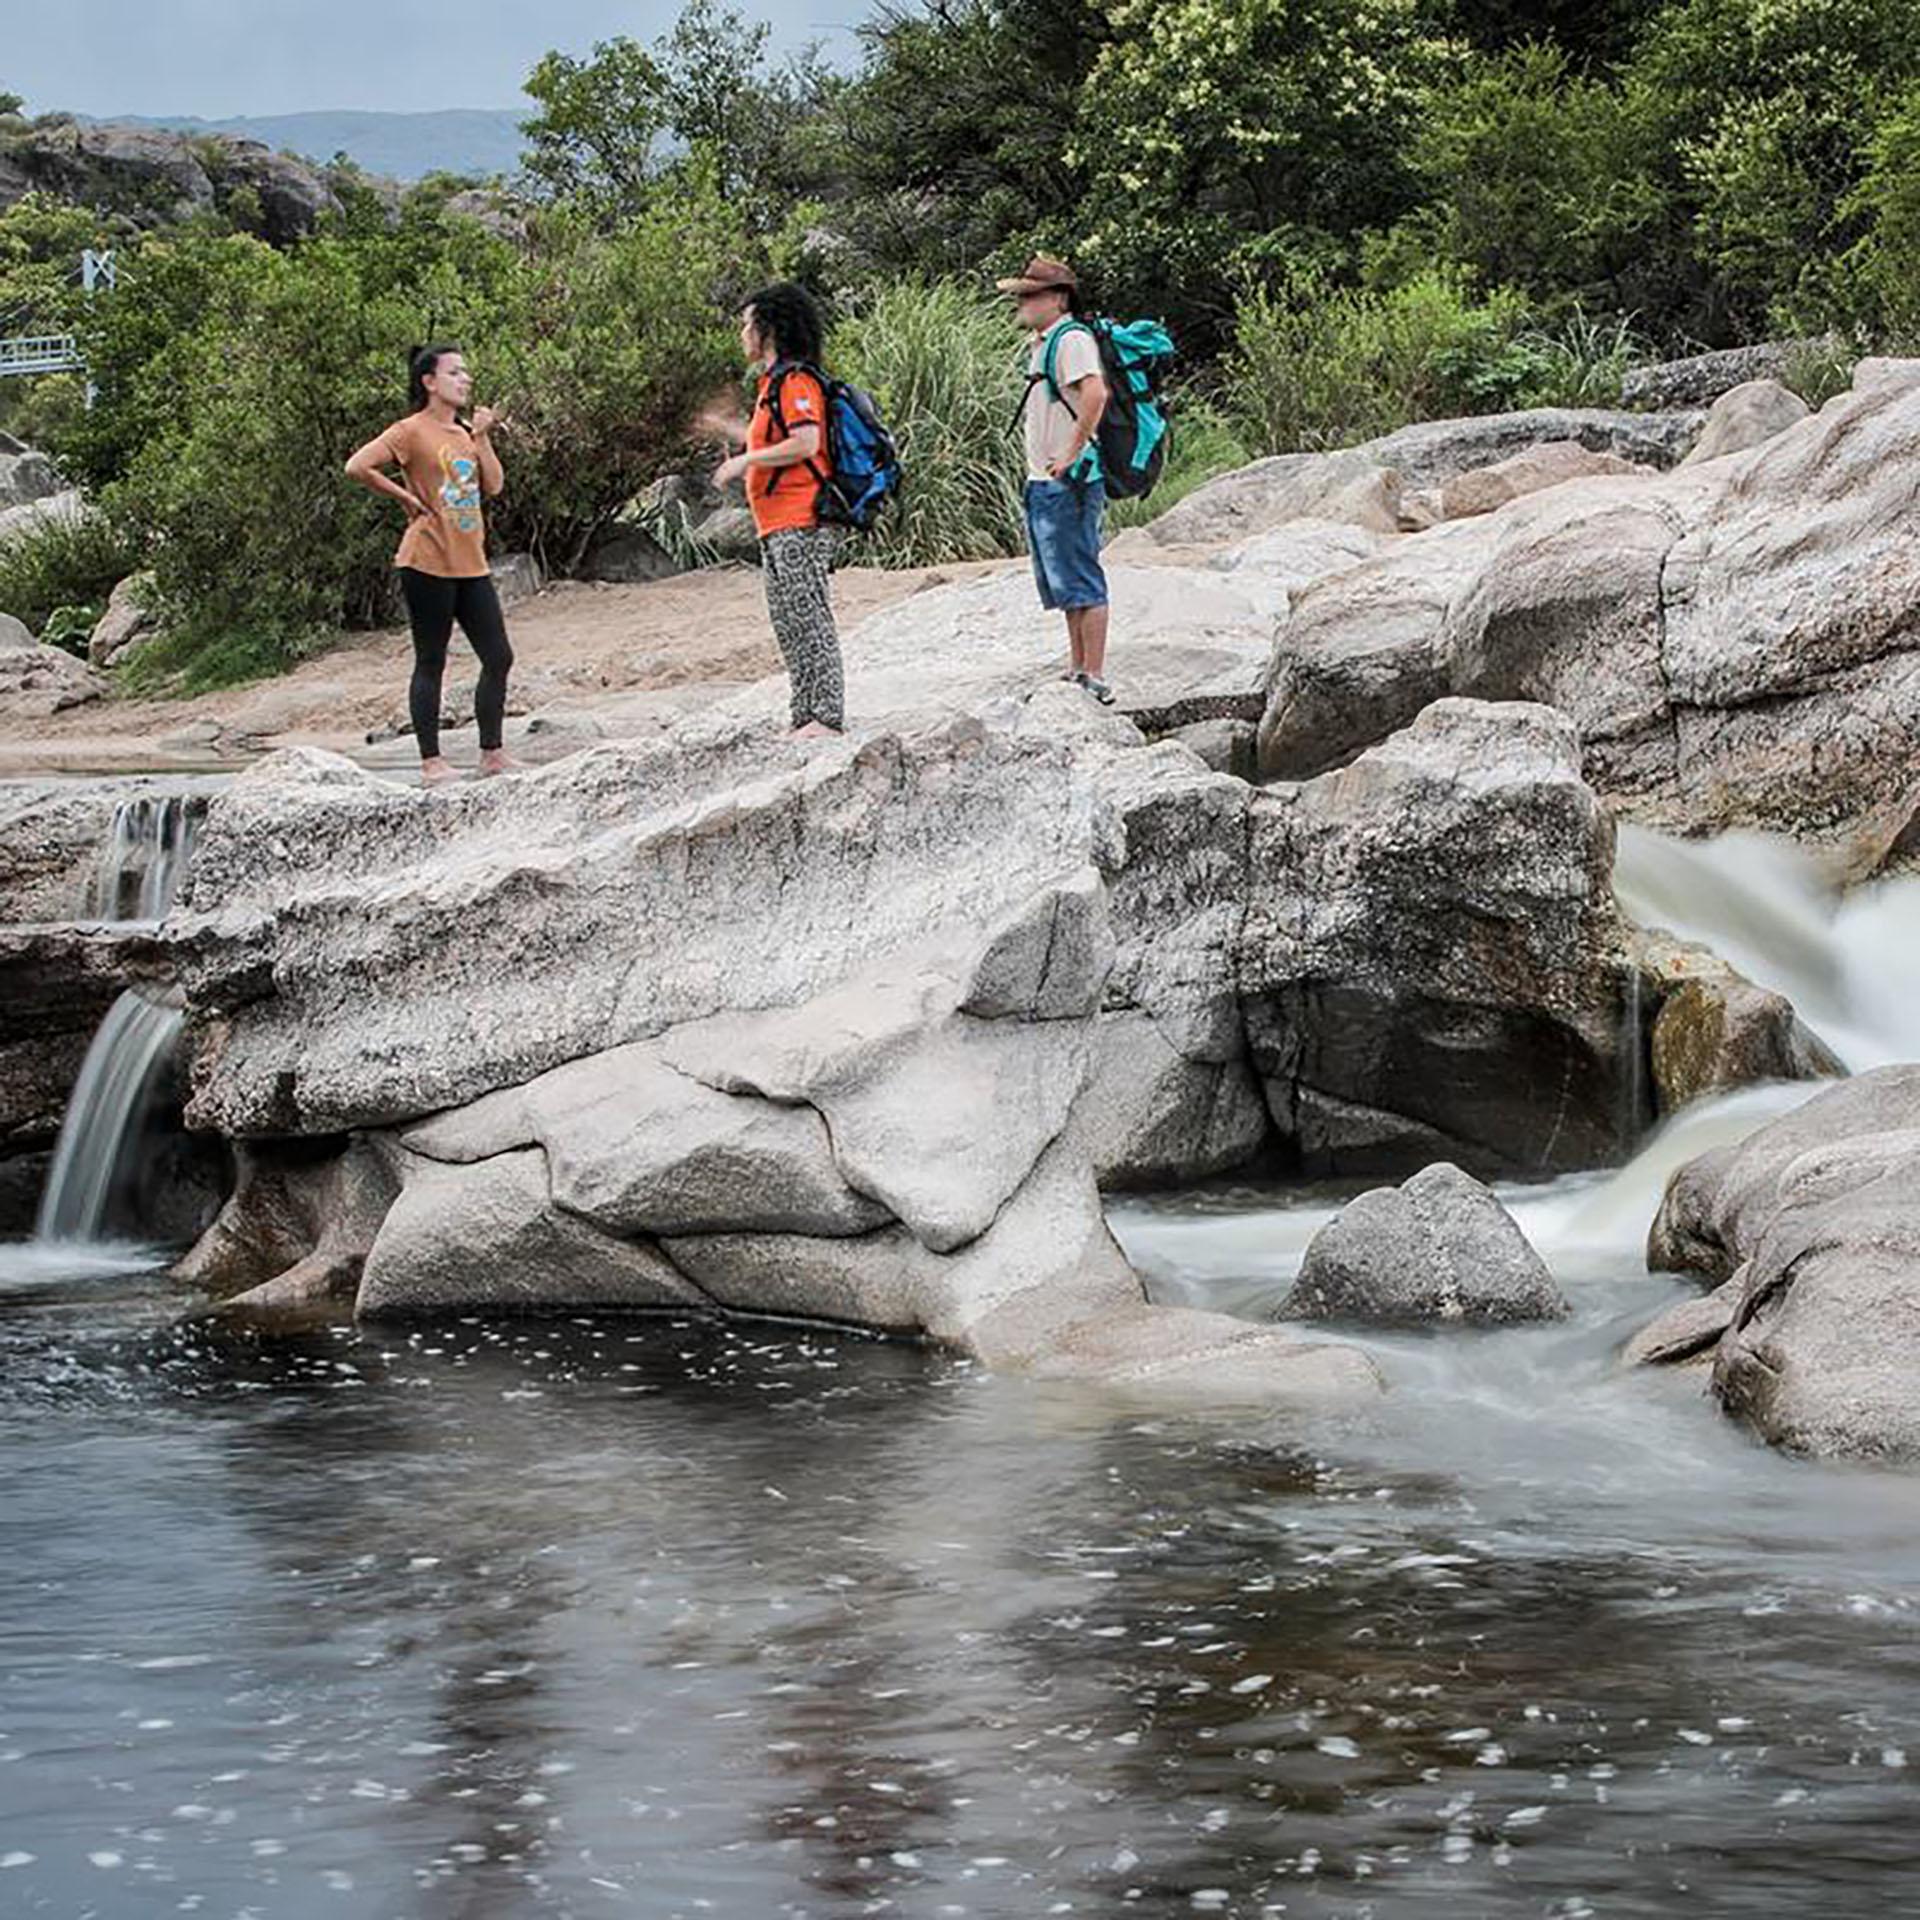 En pleno territorio del Valle de Traslasierra impera el río Mina Clavero. Su naciente en la Pampa de Achala, es el producto de la confluencia de riachuelos y arroyos que lo hacen fresco, cristalino y torrentoso